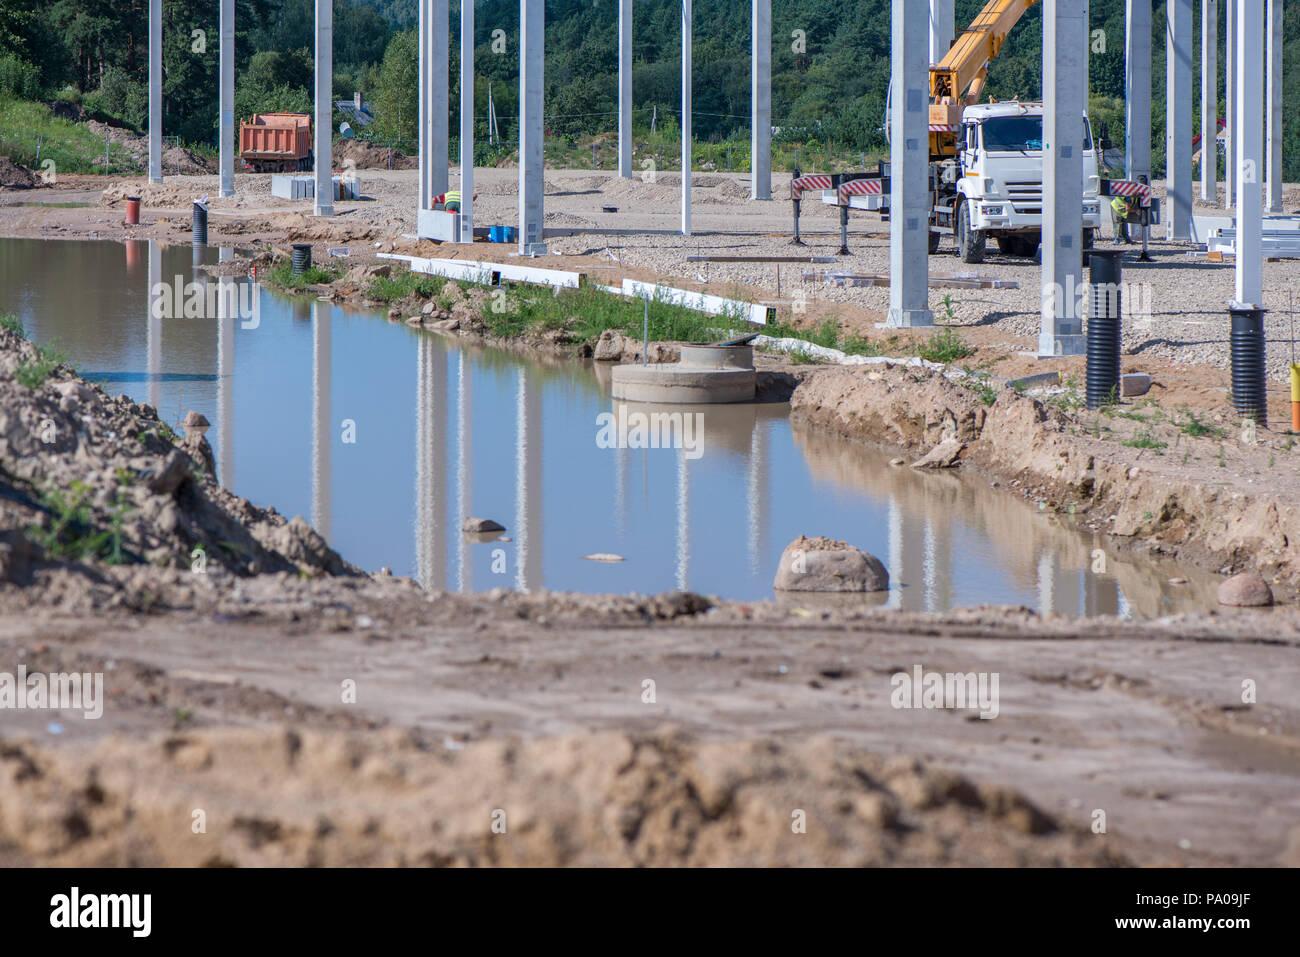 Dangerous Groundwork Imágenes De Stock & Dangerous Groundwork Fotos ...